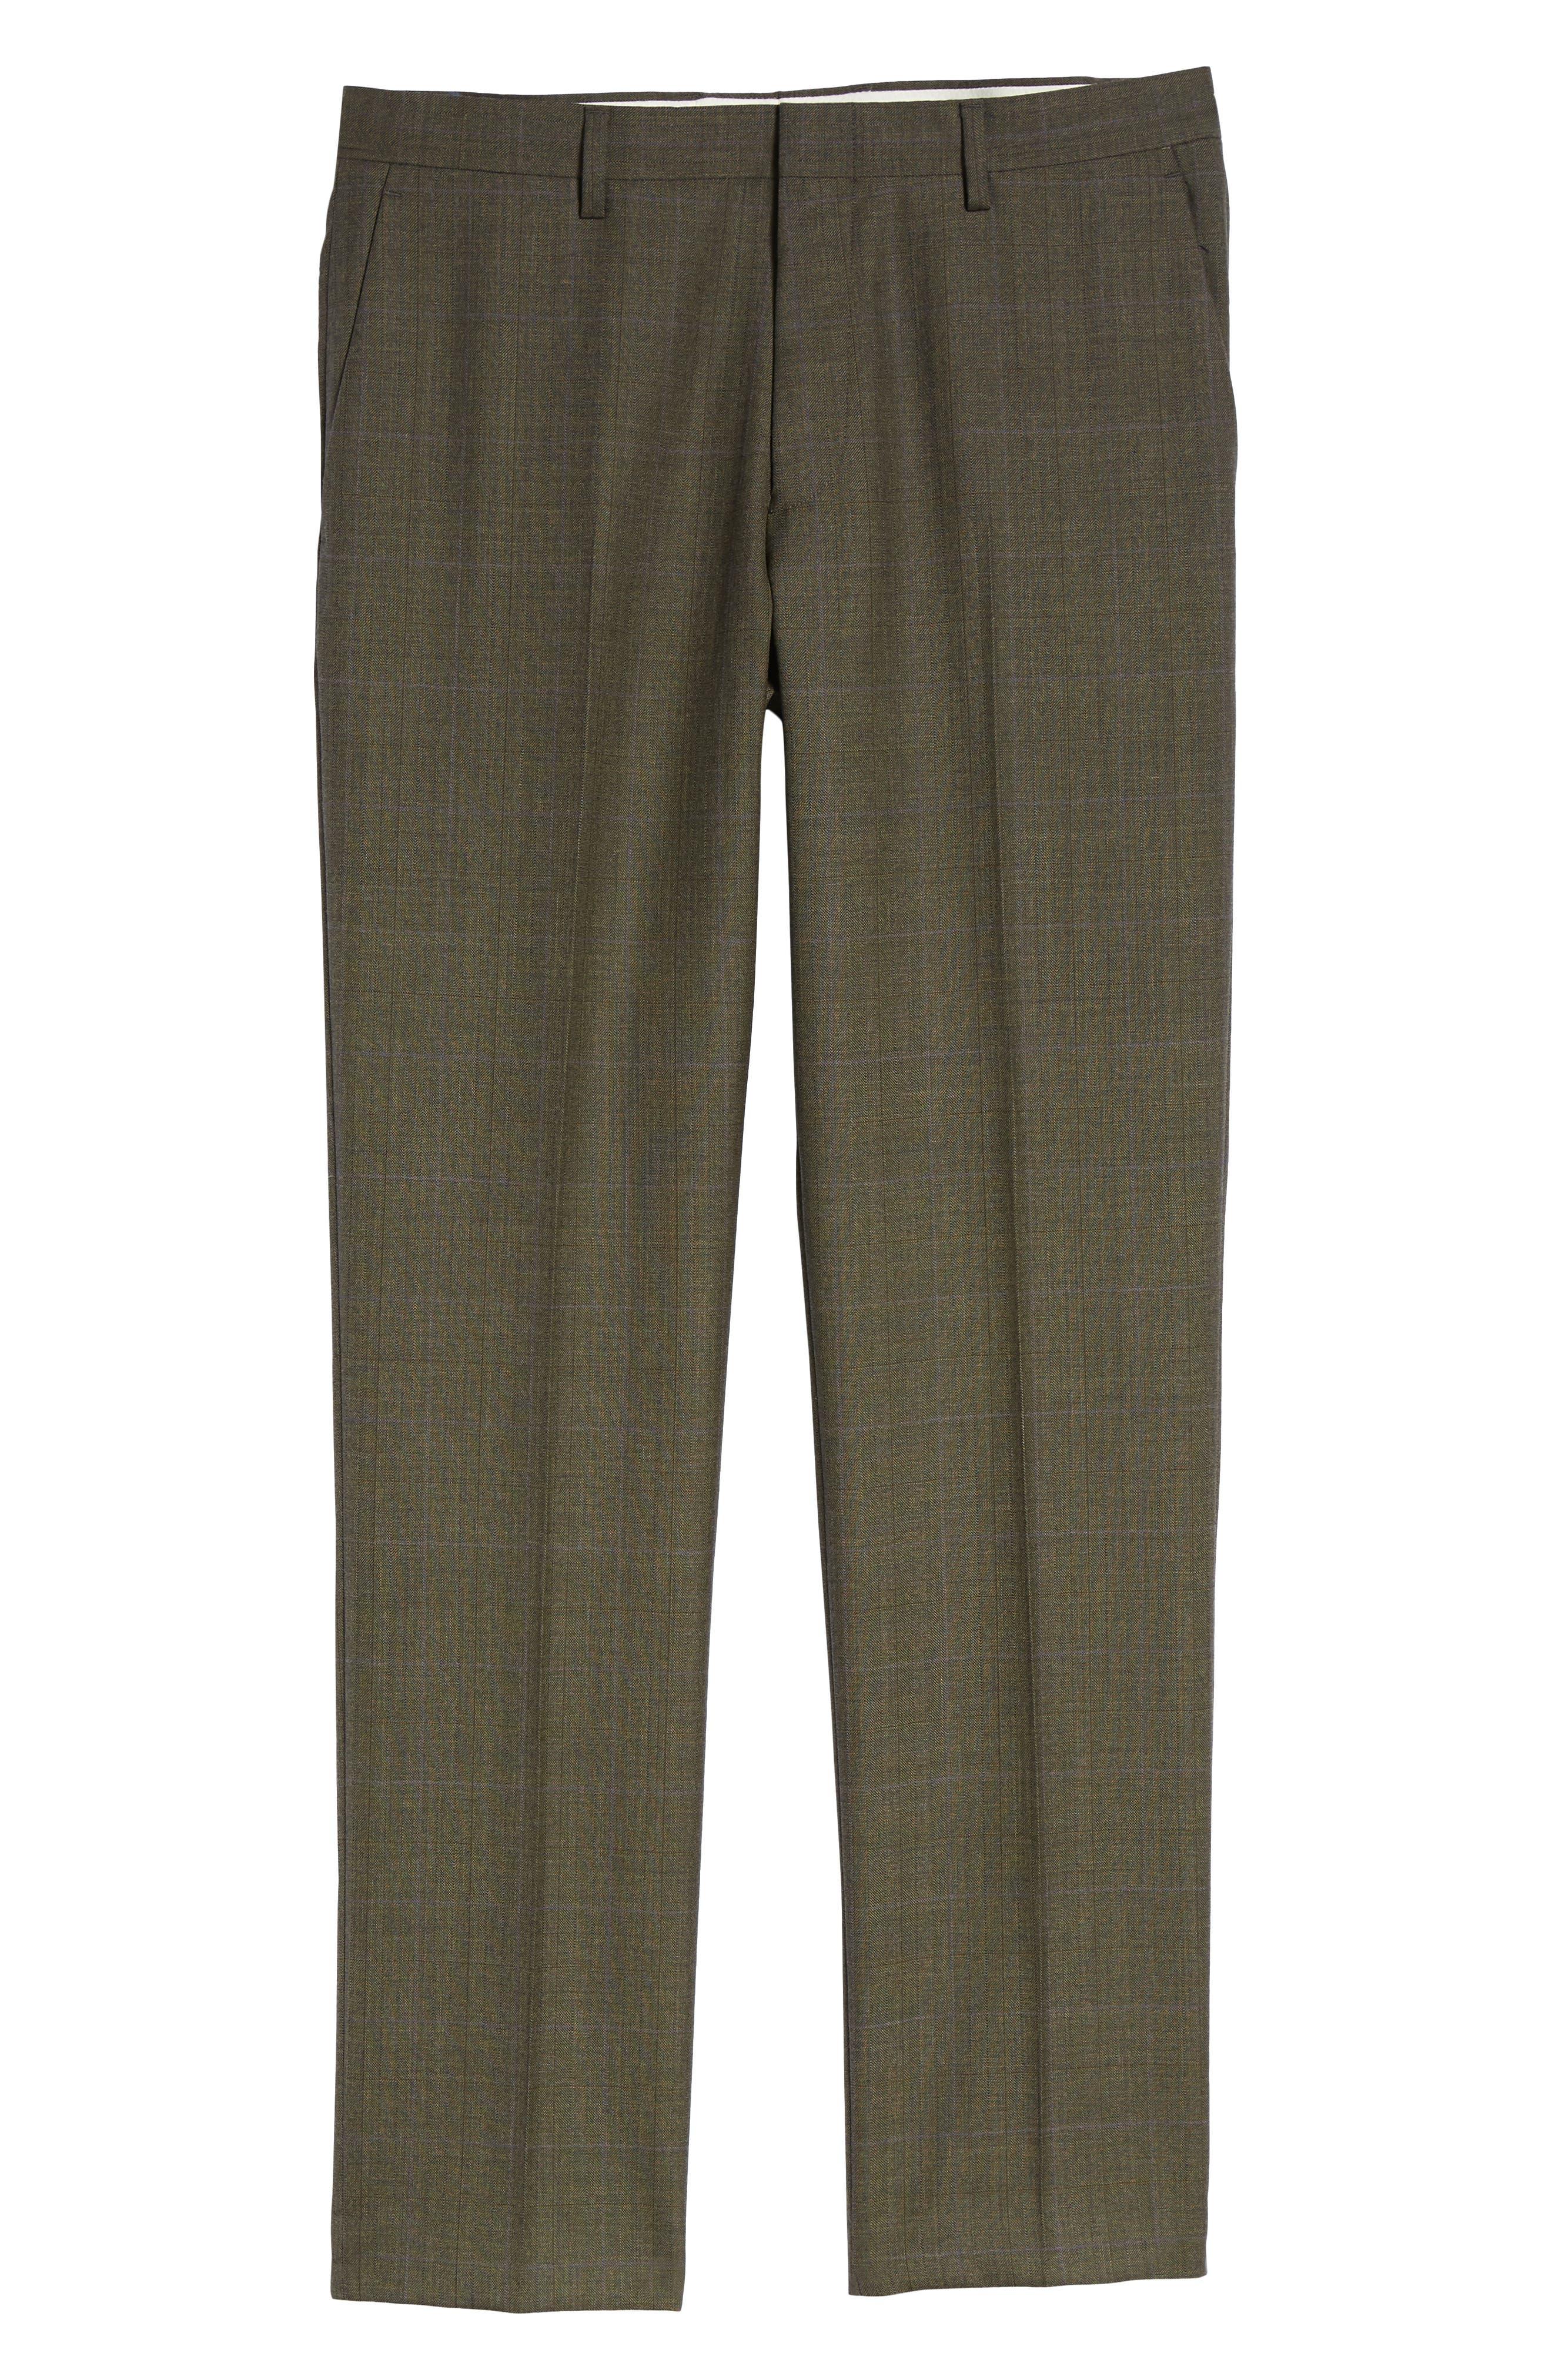 Ludlow Trim Fit Herringbone Wool Pants,                             Alternate thumbnail 6, color,                             300